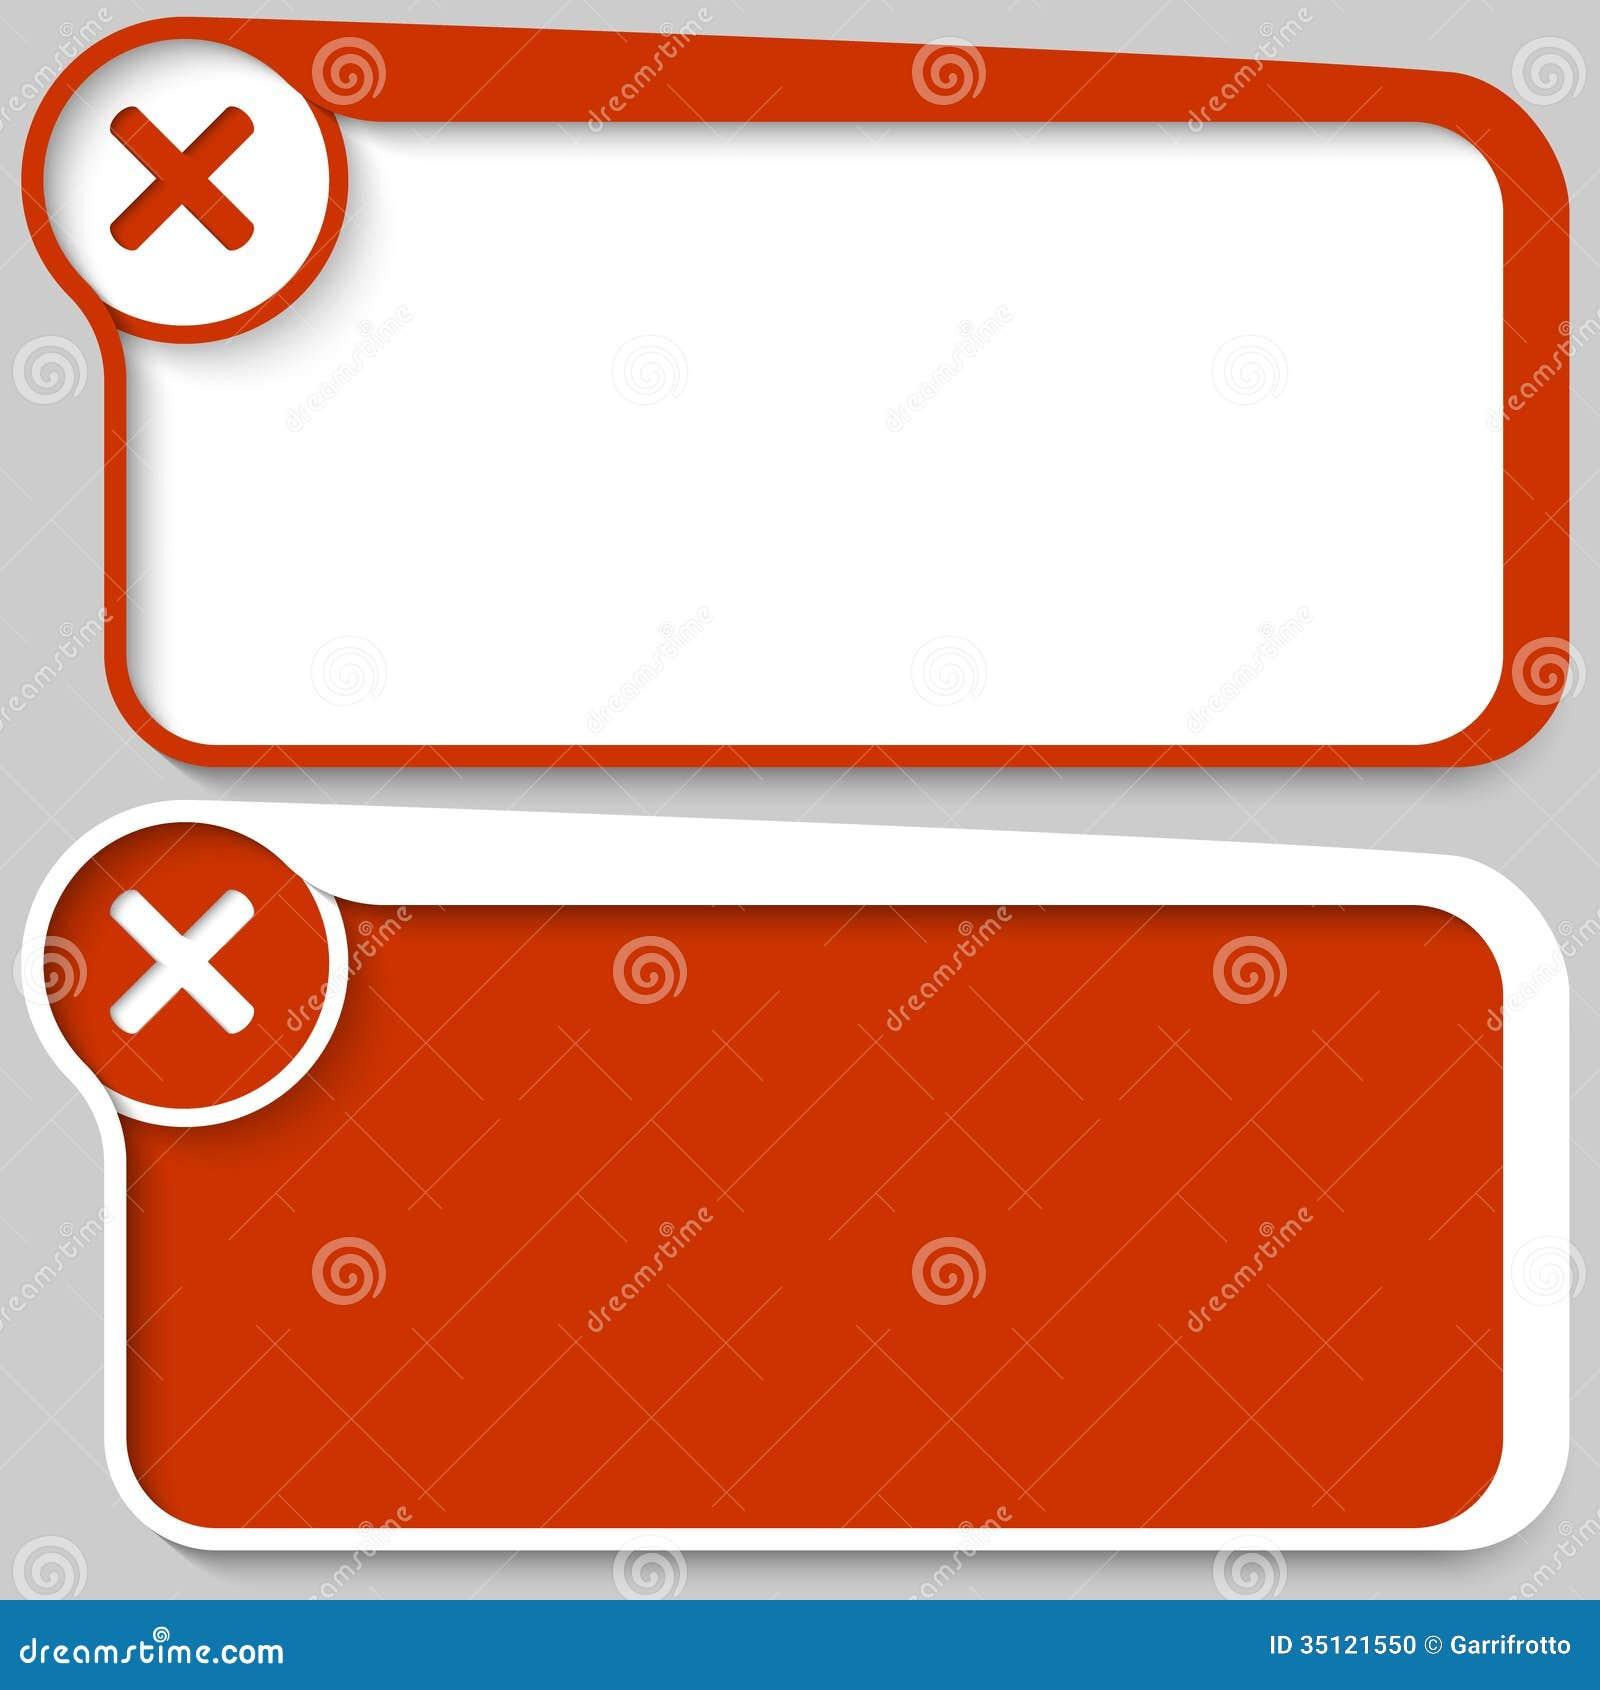 Text Box And Ban Mark Stock Photo - Image: 35121550